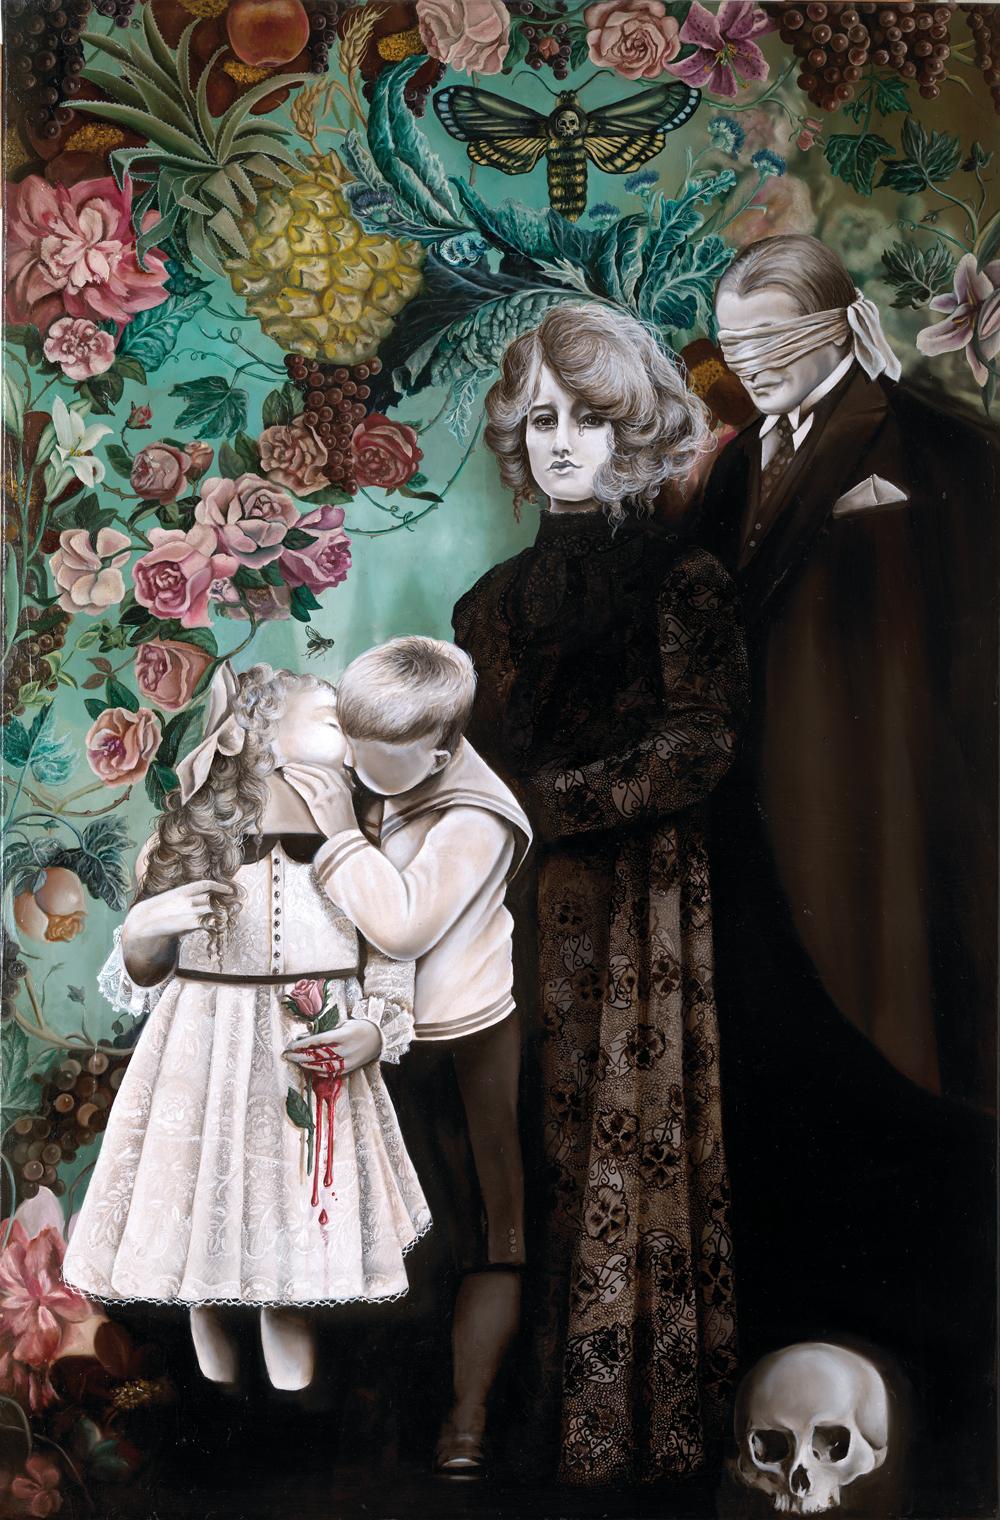 Marta Julia Piórko, Marta Piórko malarka, surrealizm, malarstwo, Marta Piórko, artysta i sztuka, malarka, obrazy olejne, obraz na płótnie, obrazy w galerii